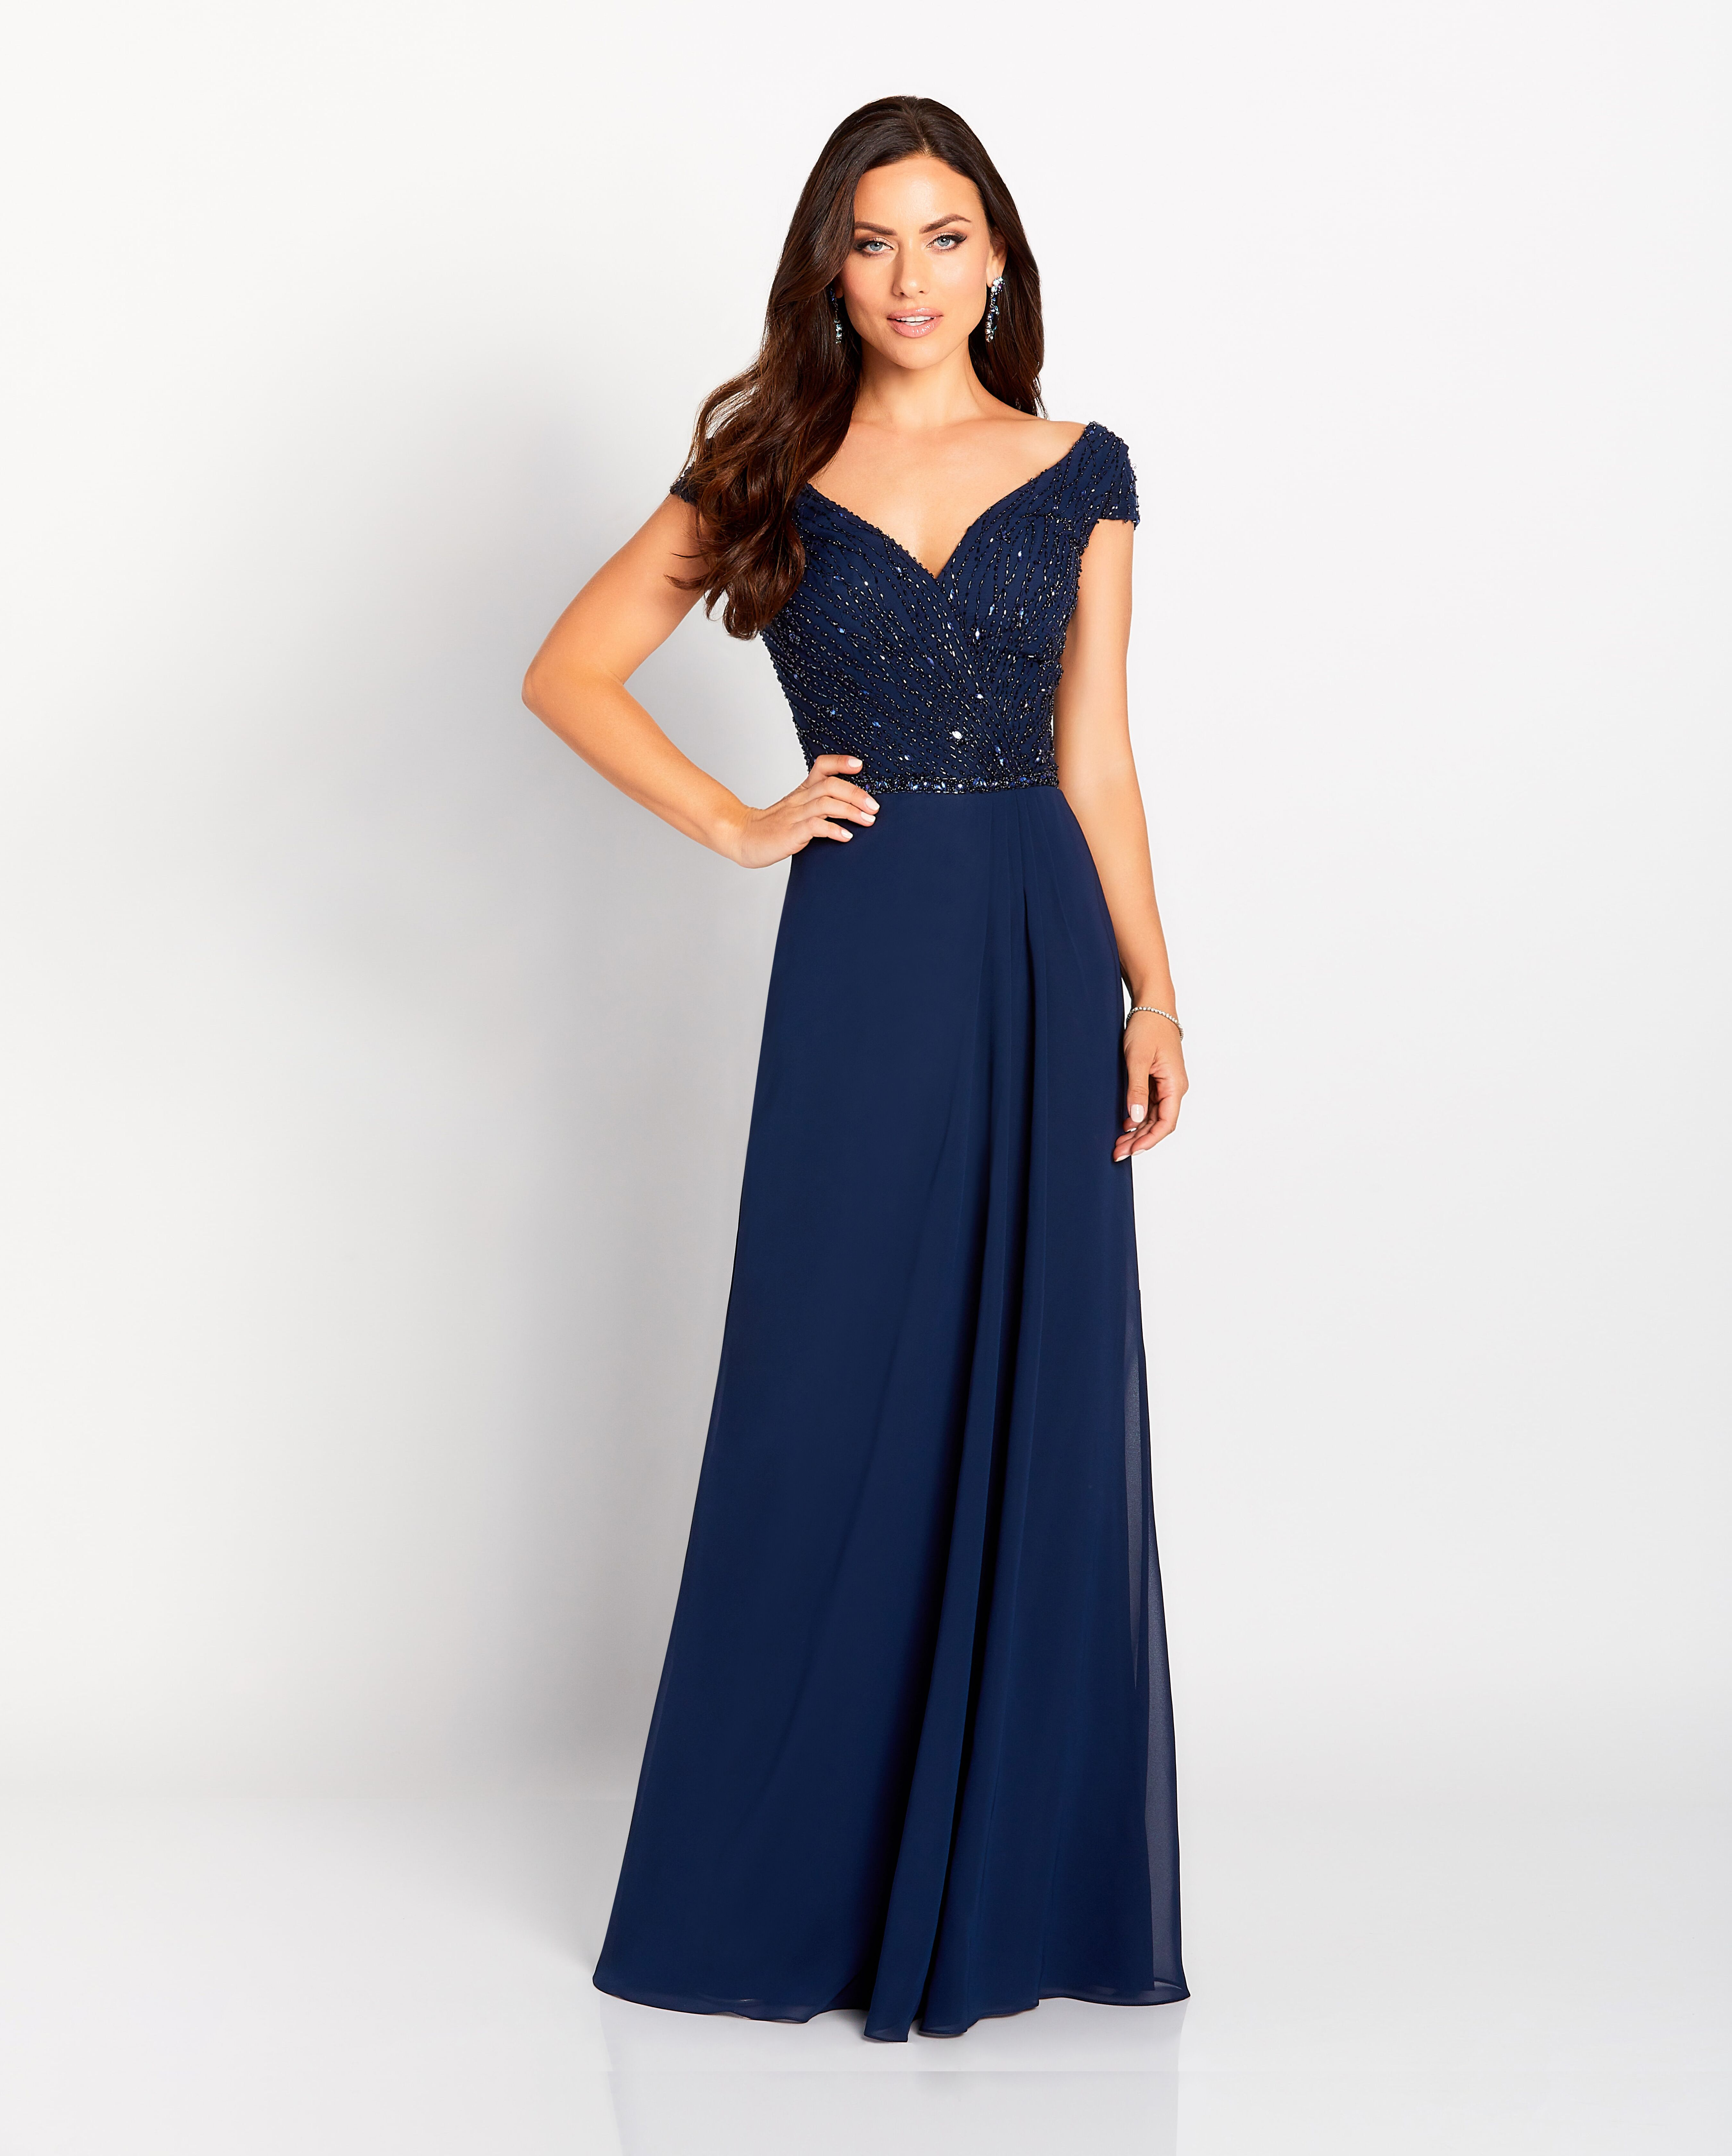 35795a7883c Bridal Salons in Oak Brook